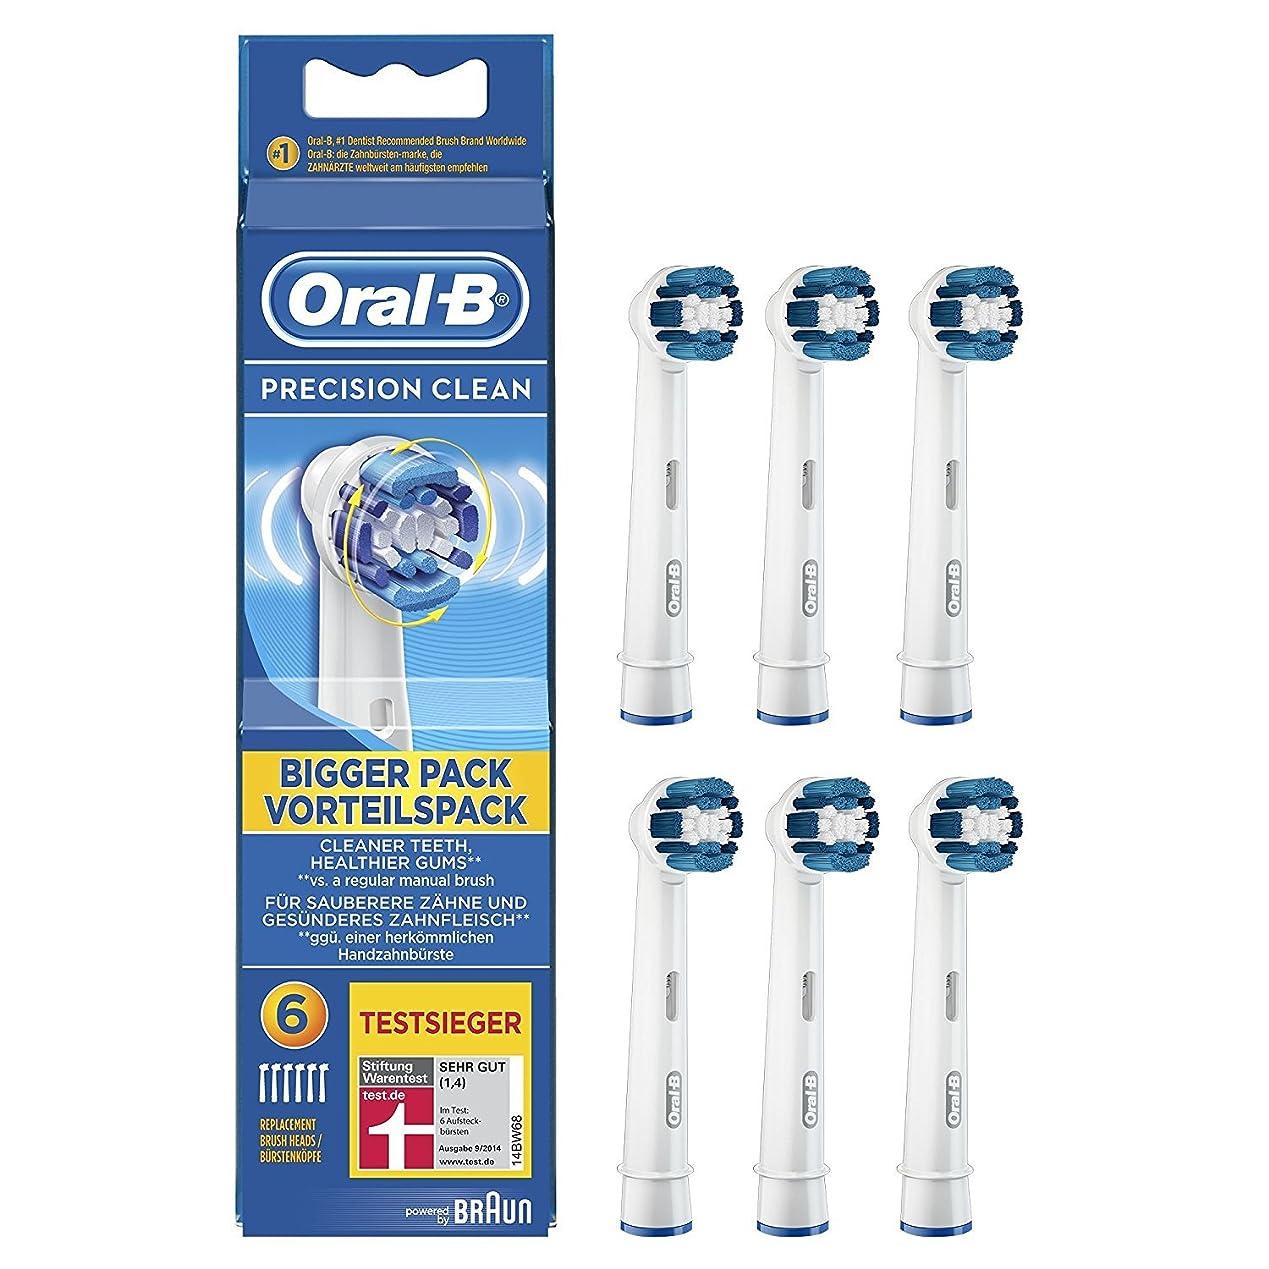 見分けるフェデレーションパトロンブラウン オーラルB 電動歯ブラシ 替ブラシ プレシジョンクリーン Oral-B Precision Clean 6 [並行輸入品]